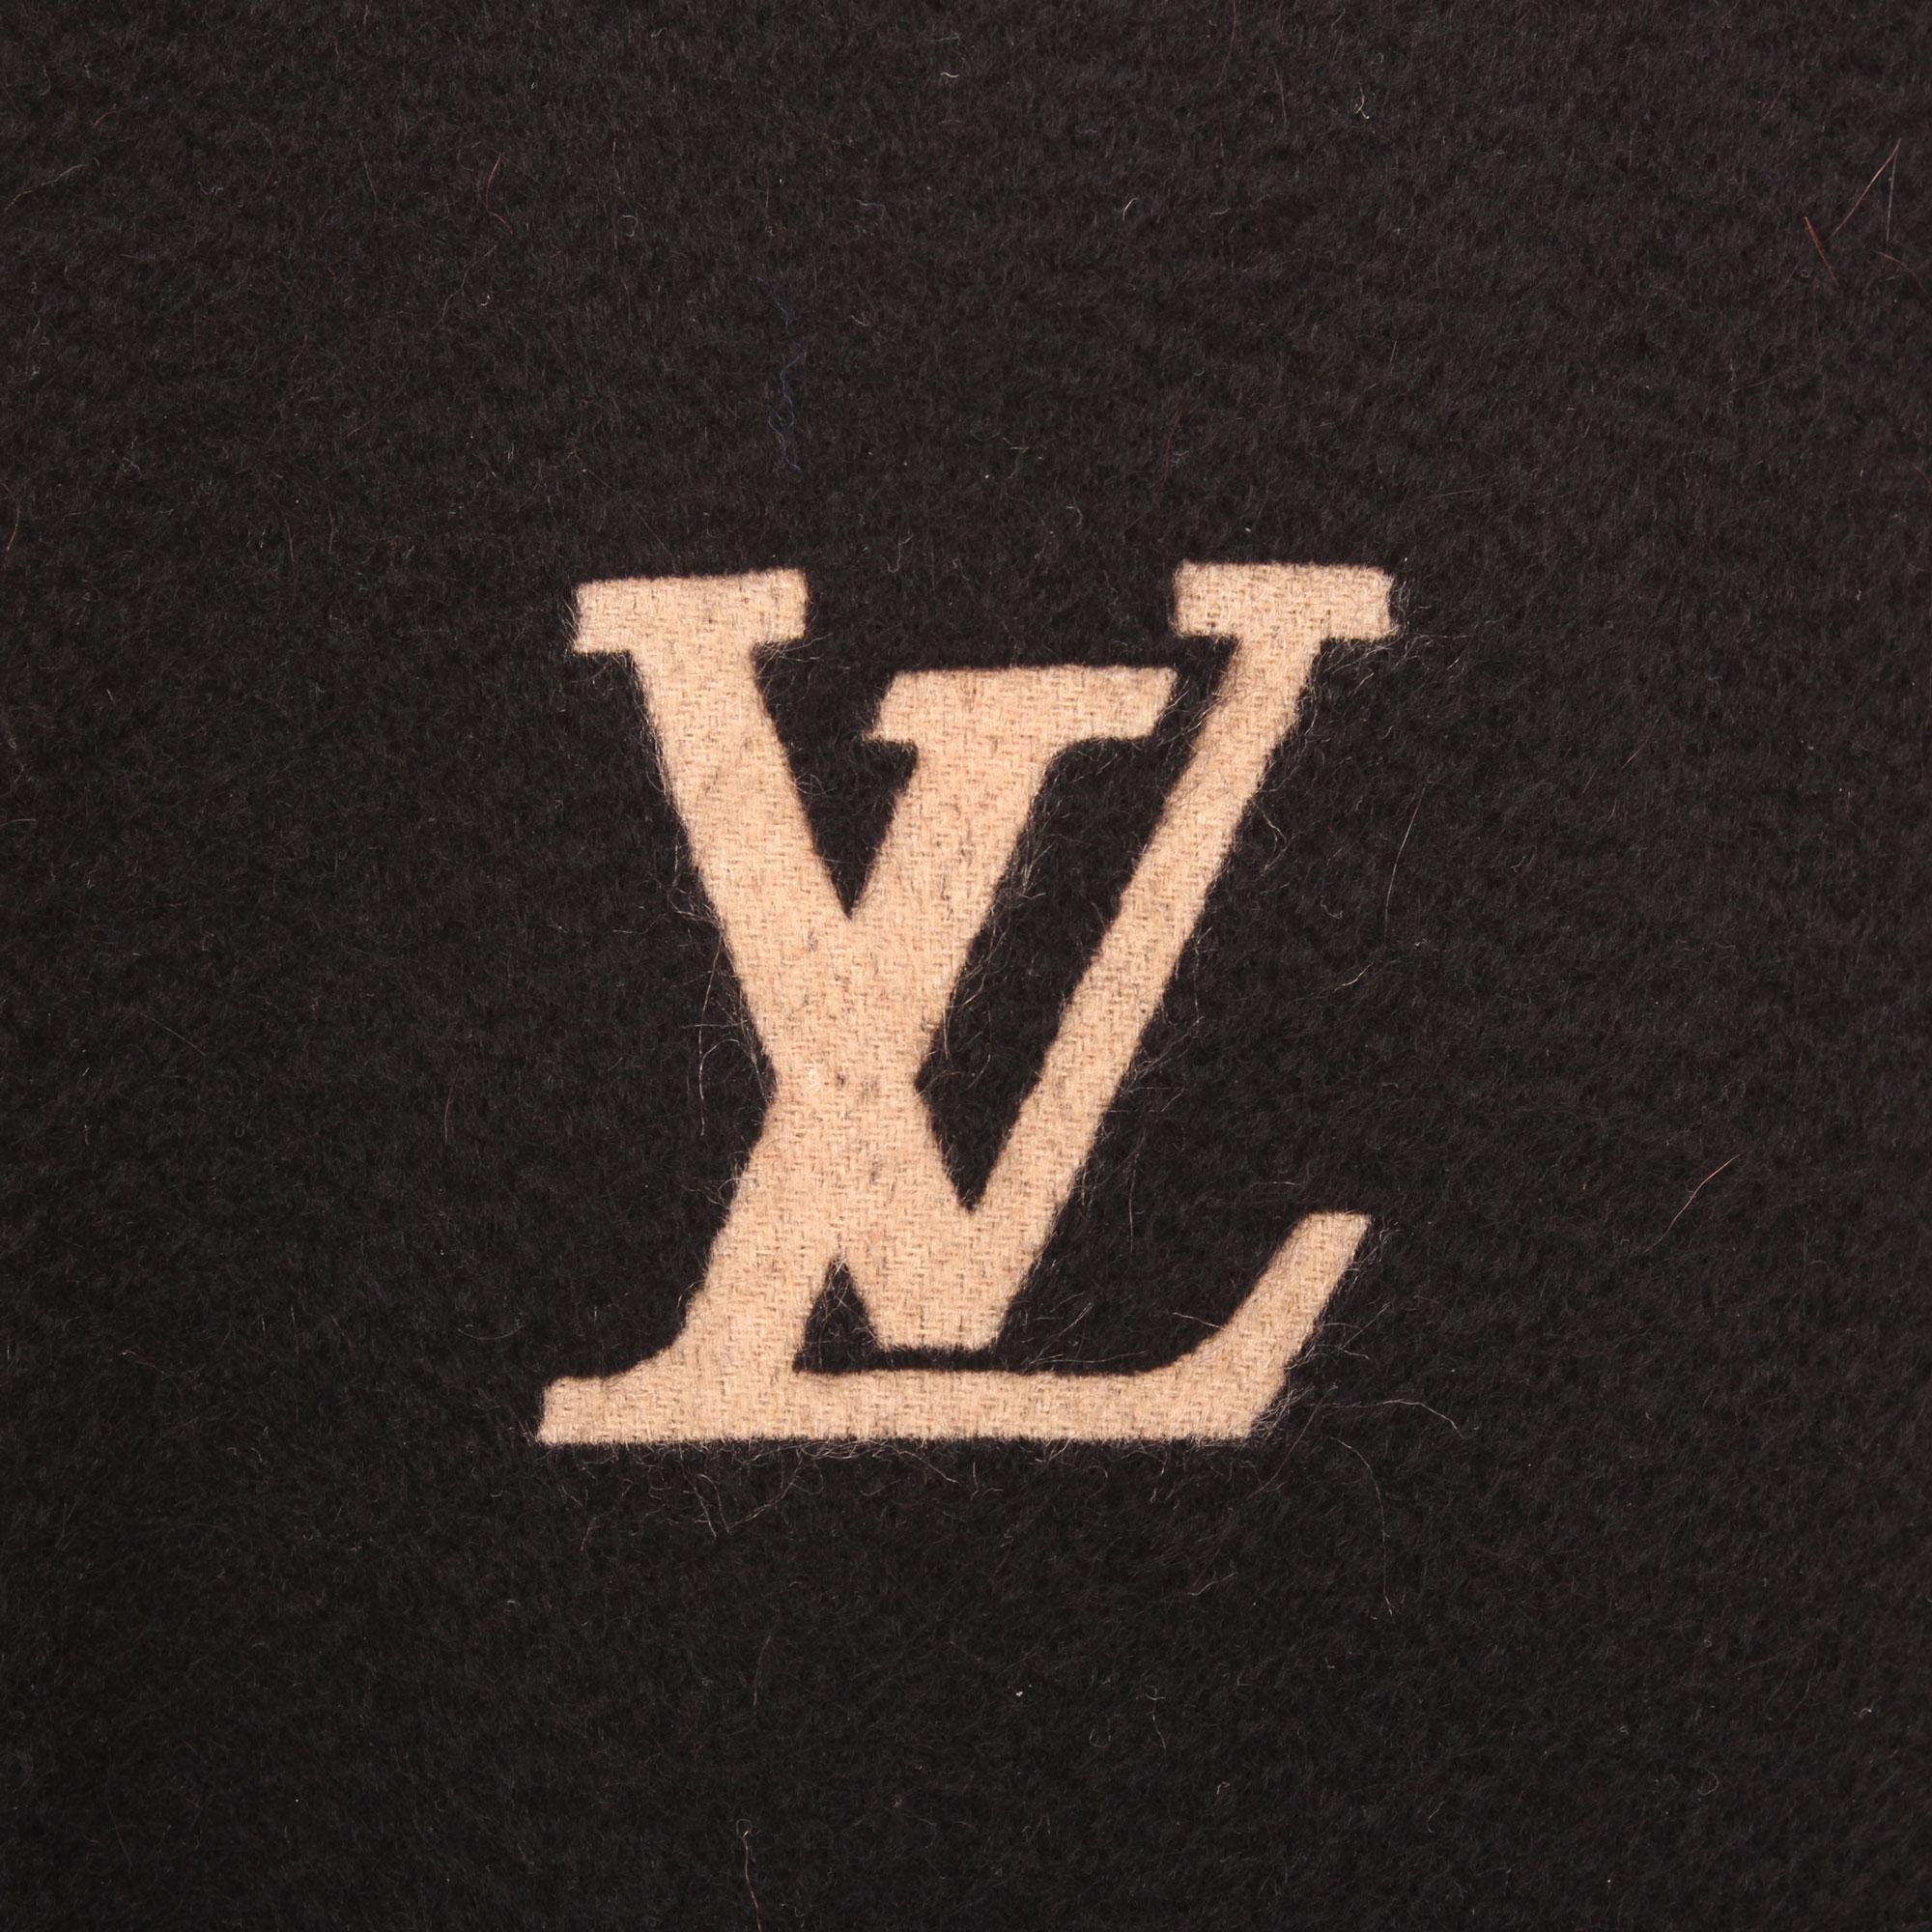 scarf-louis-vuitton-cashmere-jehlam-black-logo